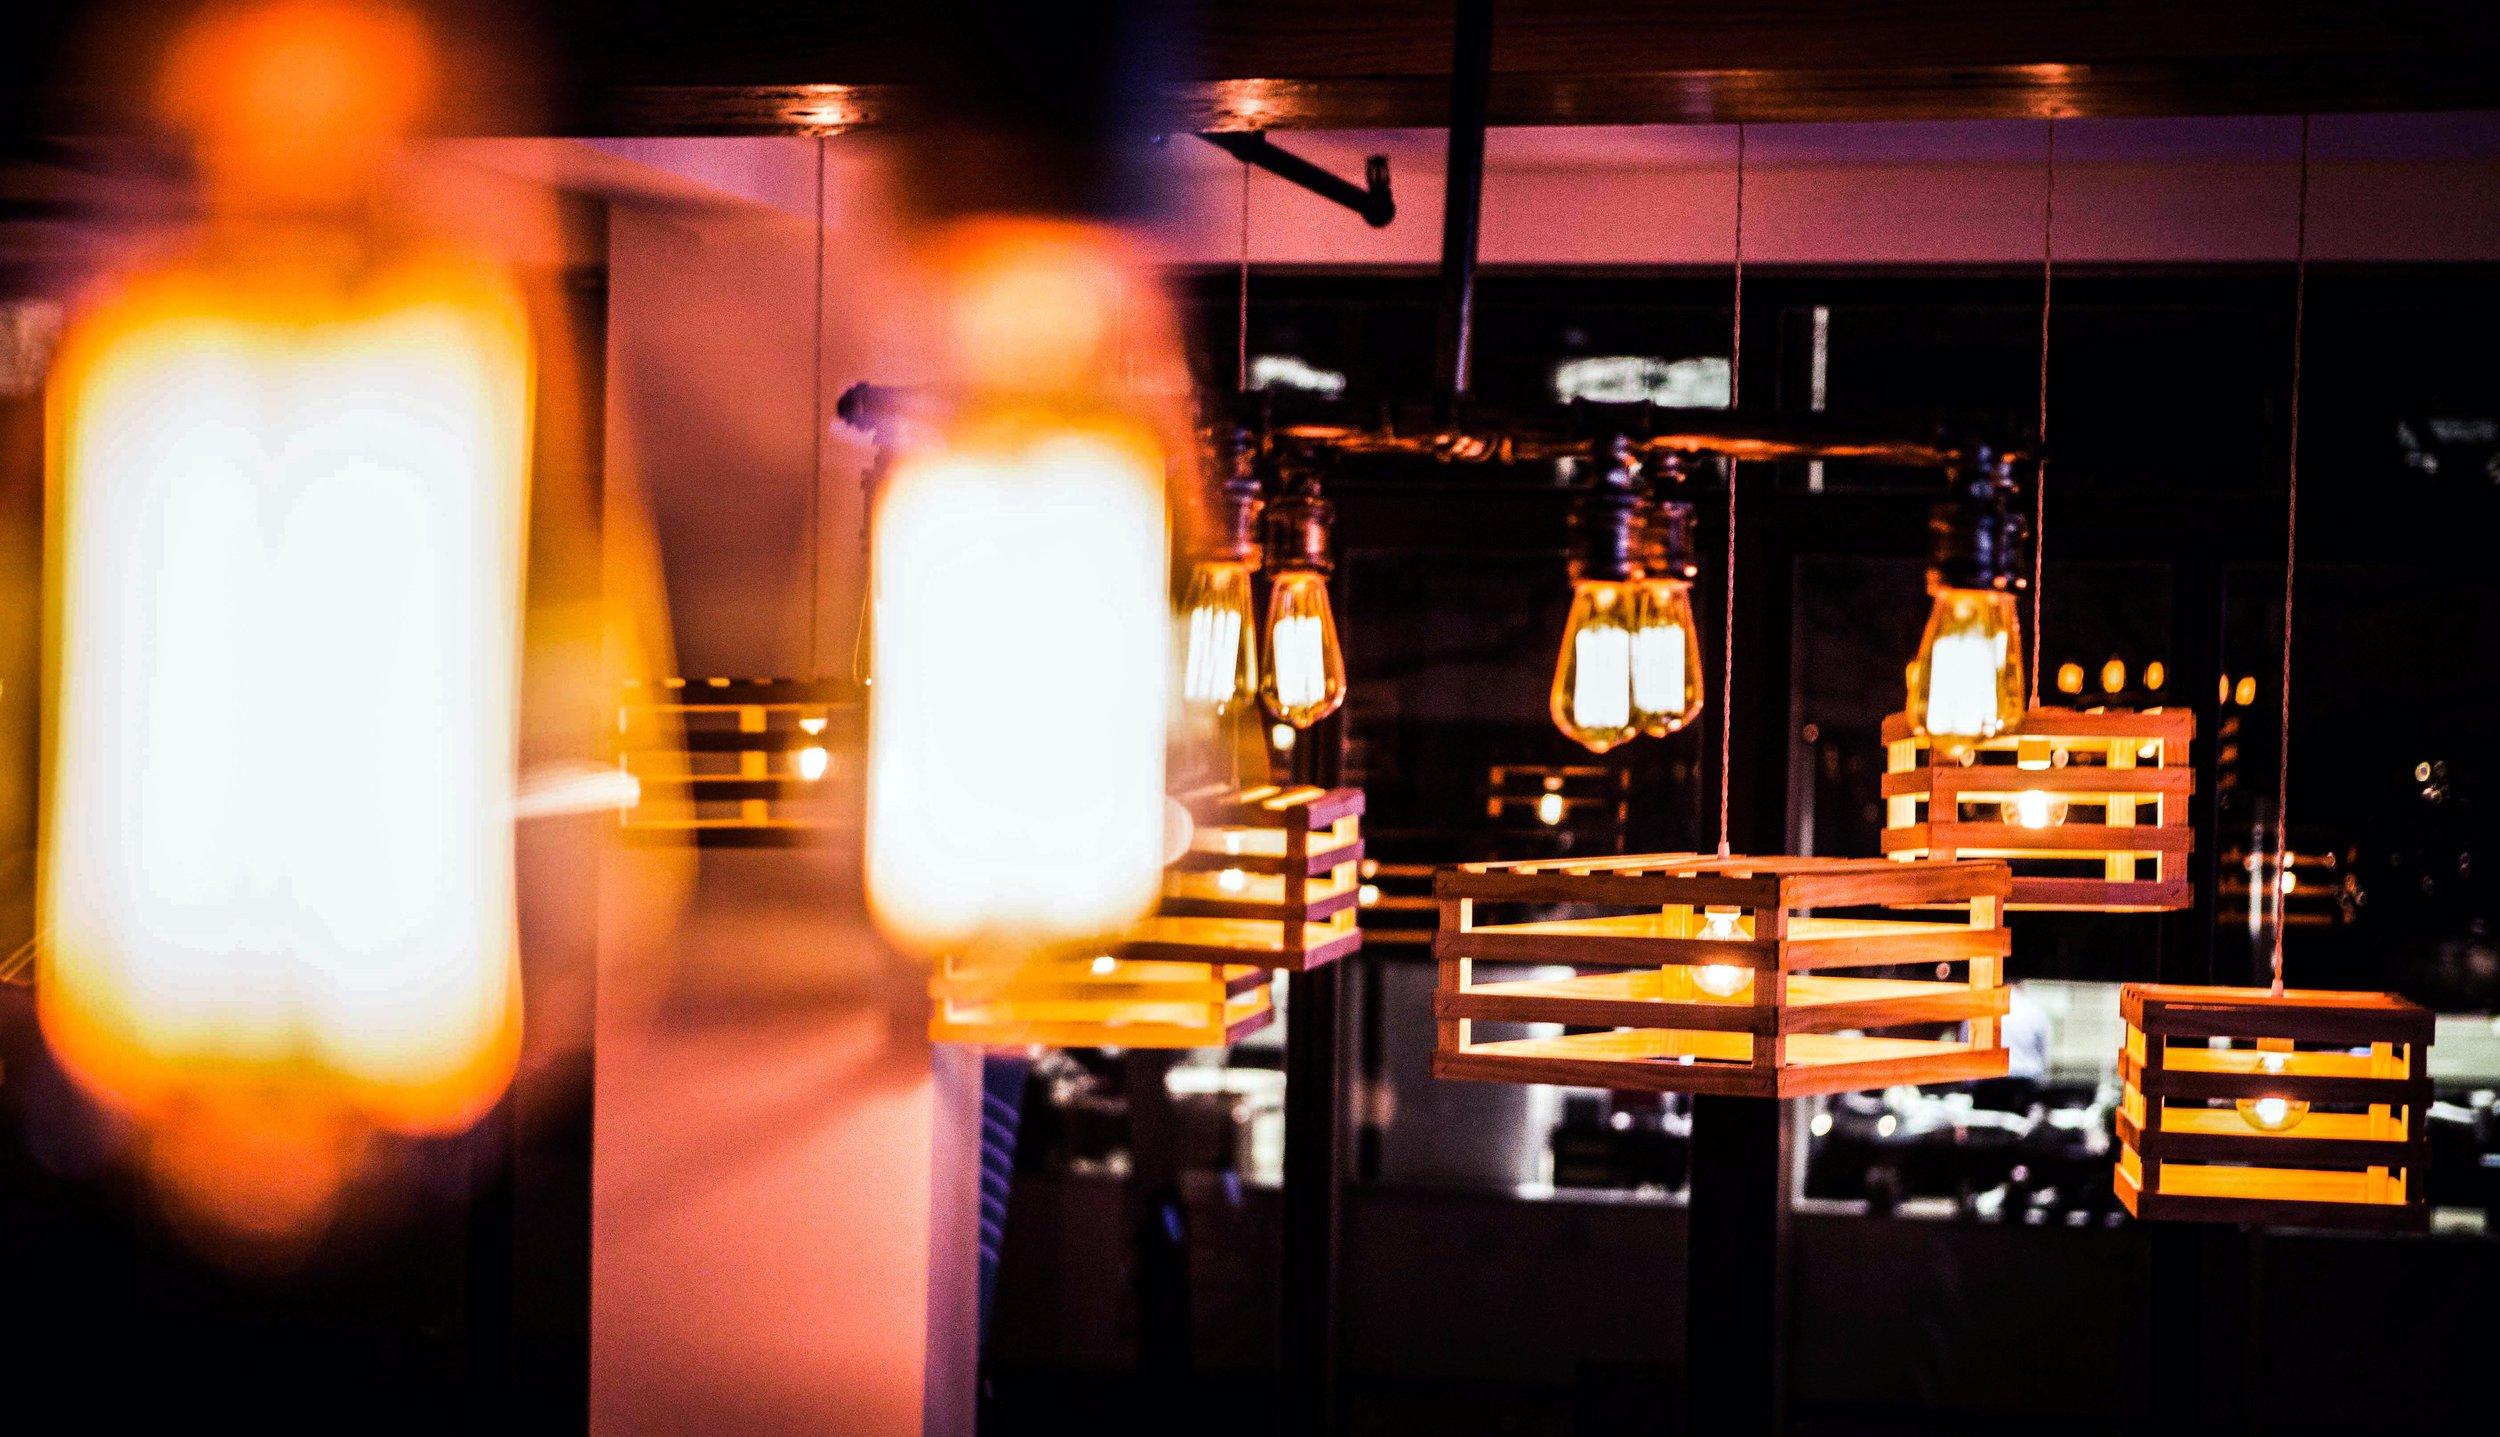 3 Day Monk Darrows Restaurant Design-2-2.jpg